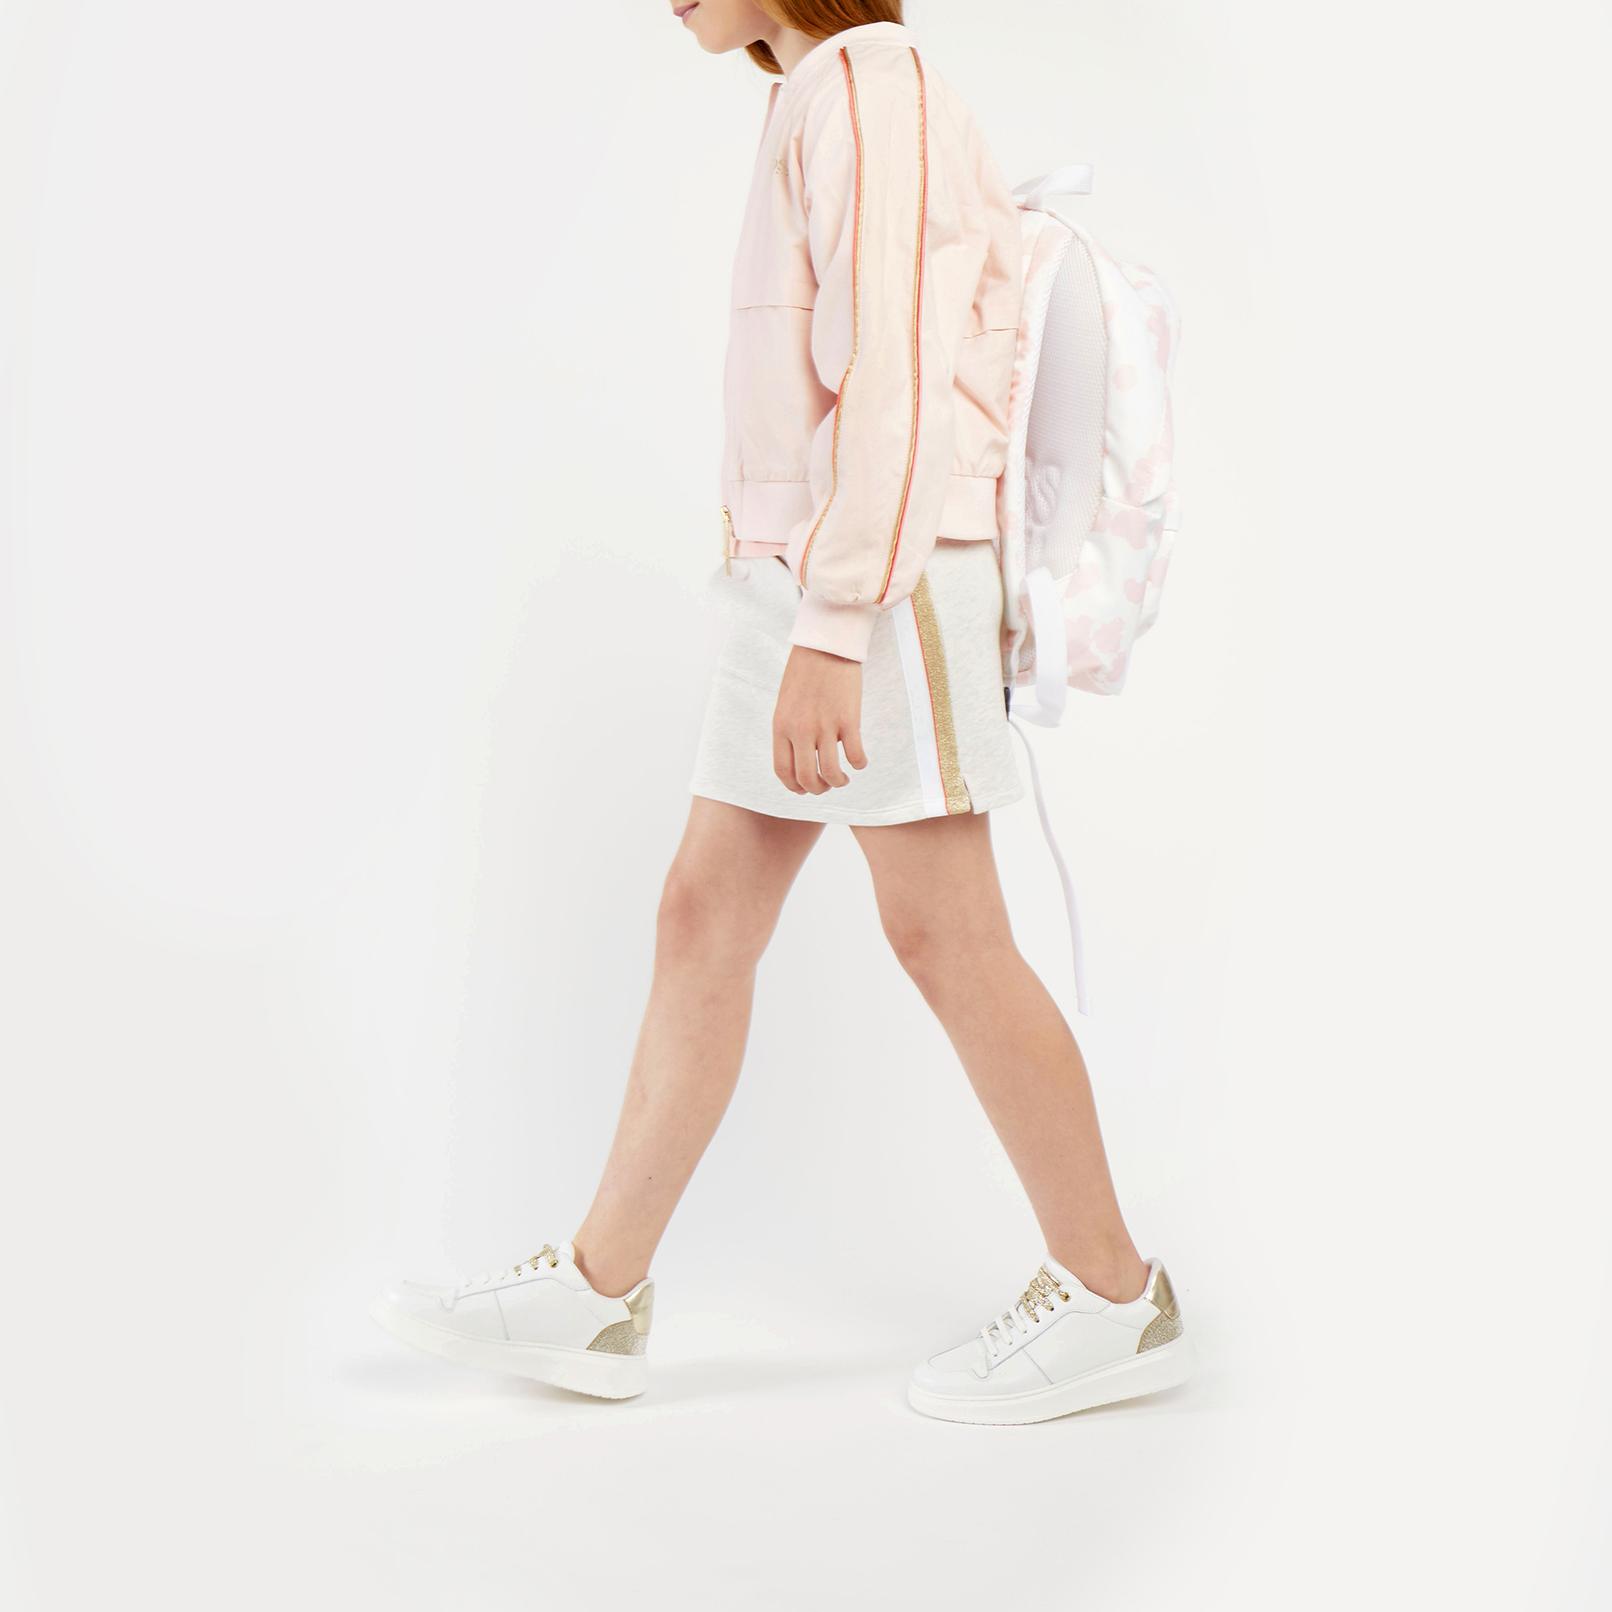 Double jersey skort BOSS for GIRL